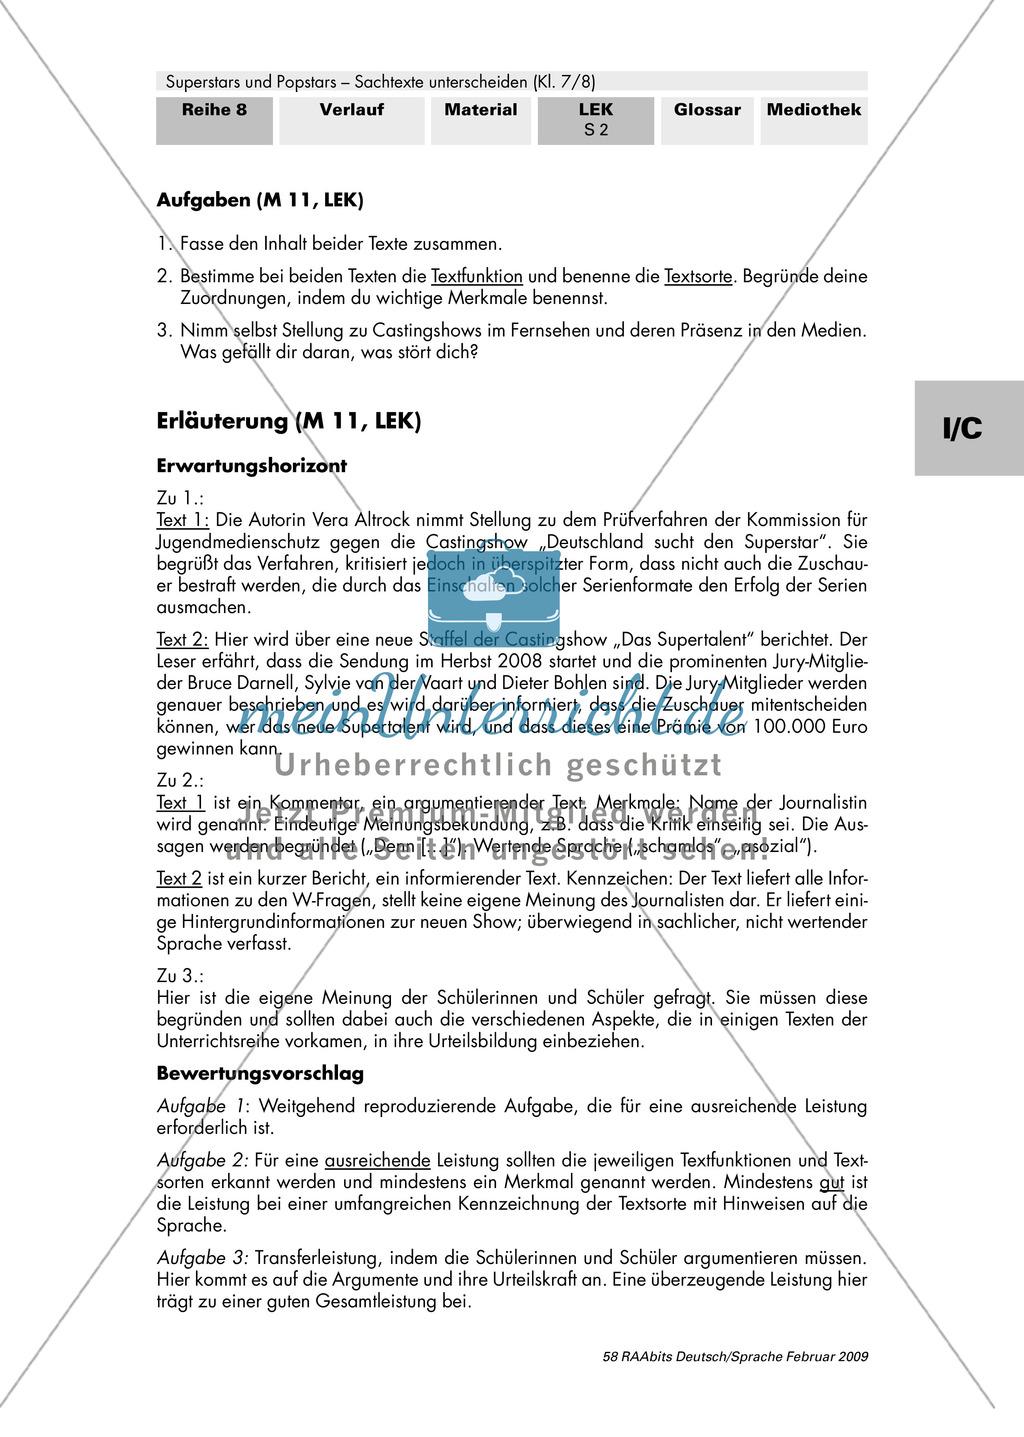 Lernerfolgskontrolle: Thema Superstars und Popstars - Sachtexte unterscheiden: Ein Vergleich zweier Texte Preview 2